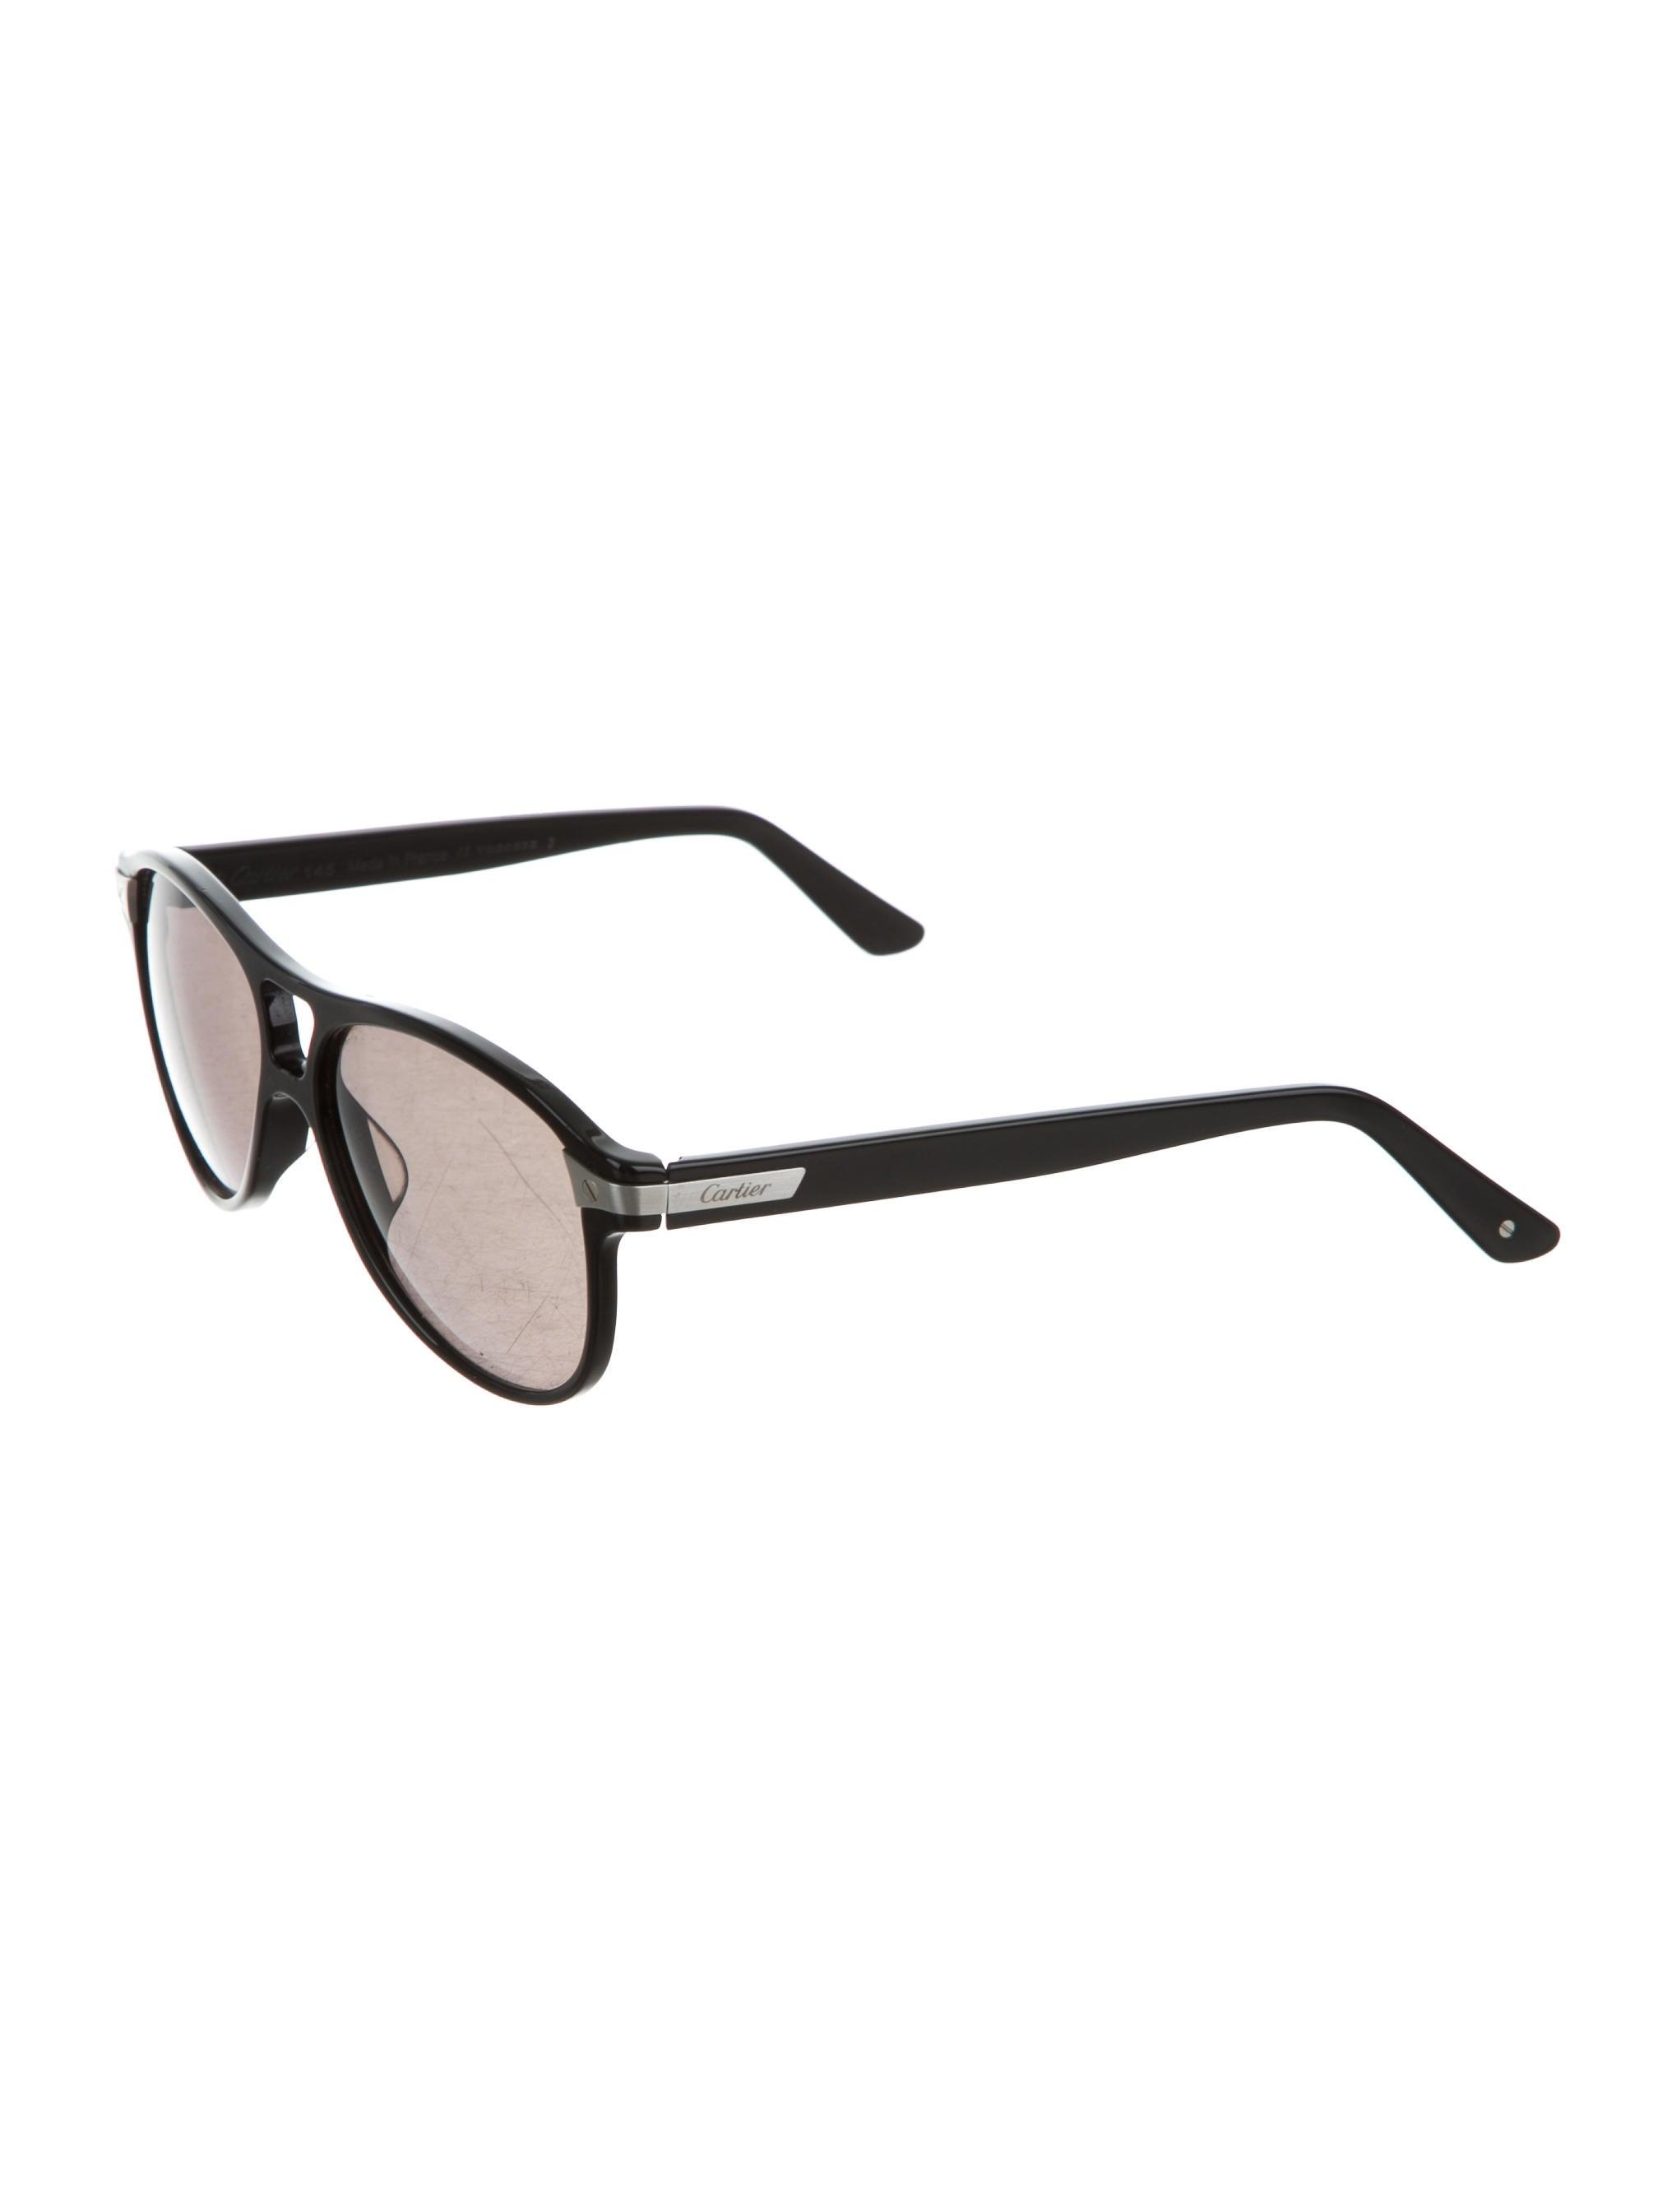 adf7d6a25f9 Cartier Aviator Glasses. Ulugtekin Cartier Men  39 s Santos Aviator Vermeil Sunglasses  Cartier Santos Prescription Eyeglasses GoldenTitanium Aviator Frame ...